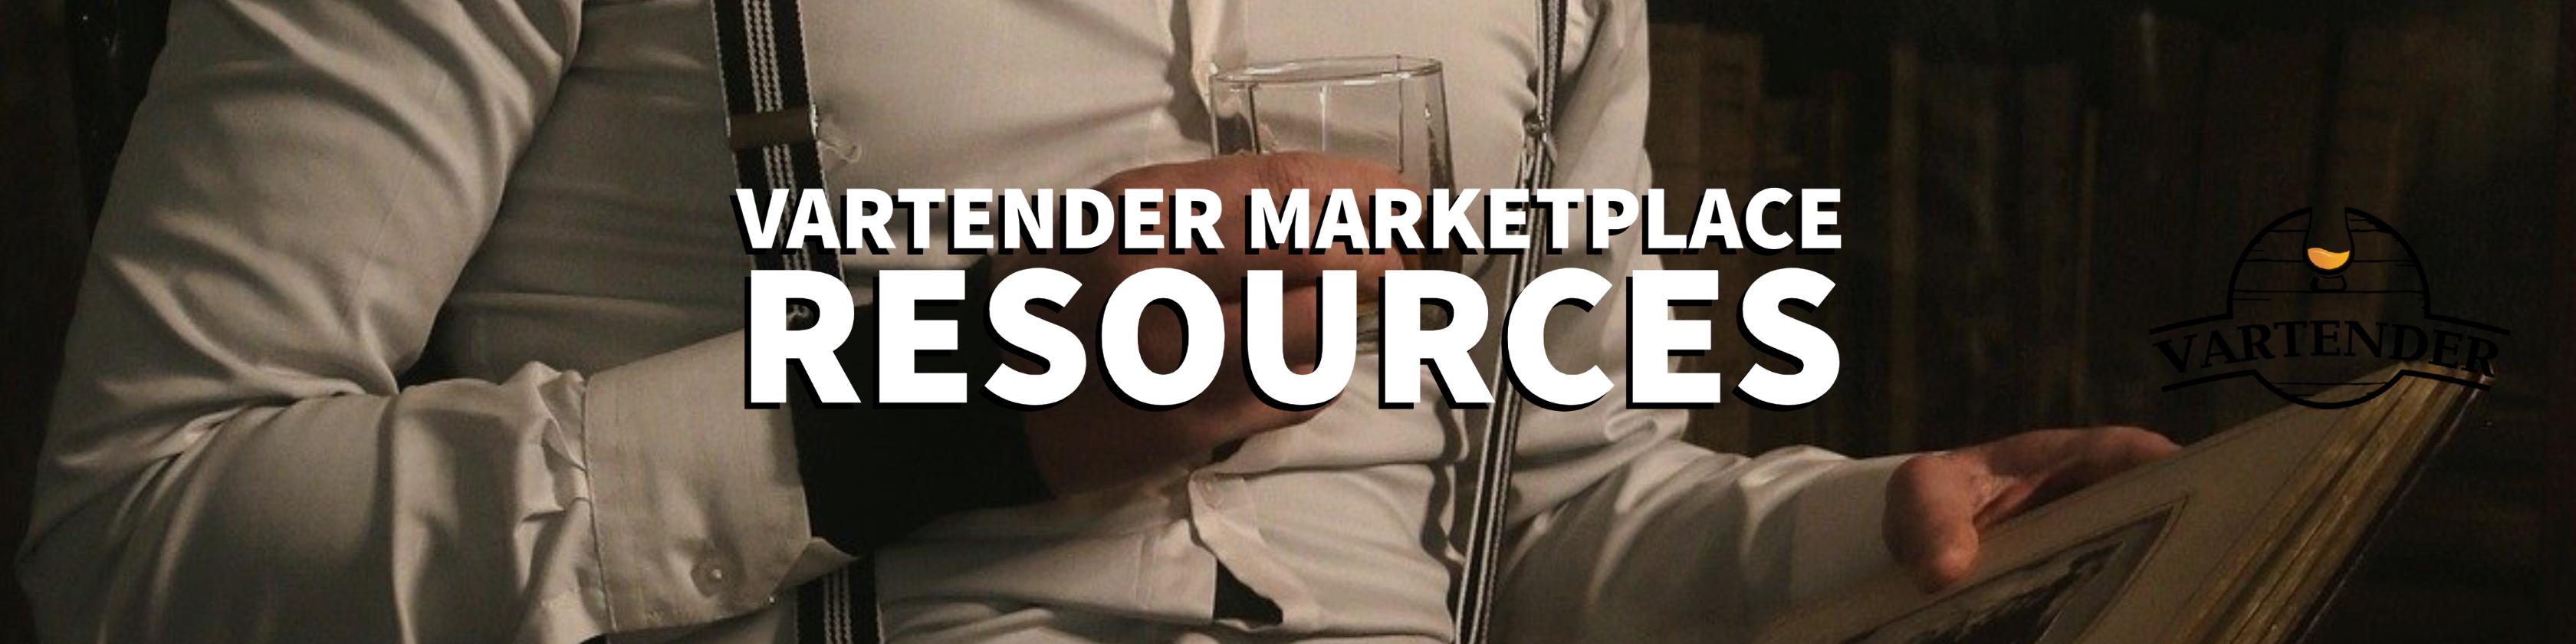 vartender-marketplace-resources.jpg